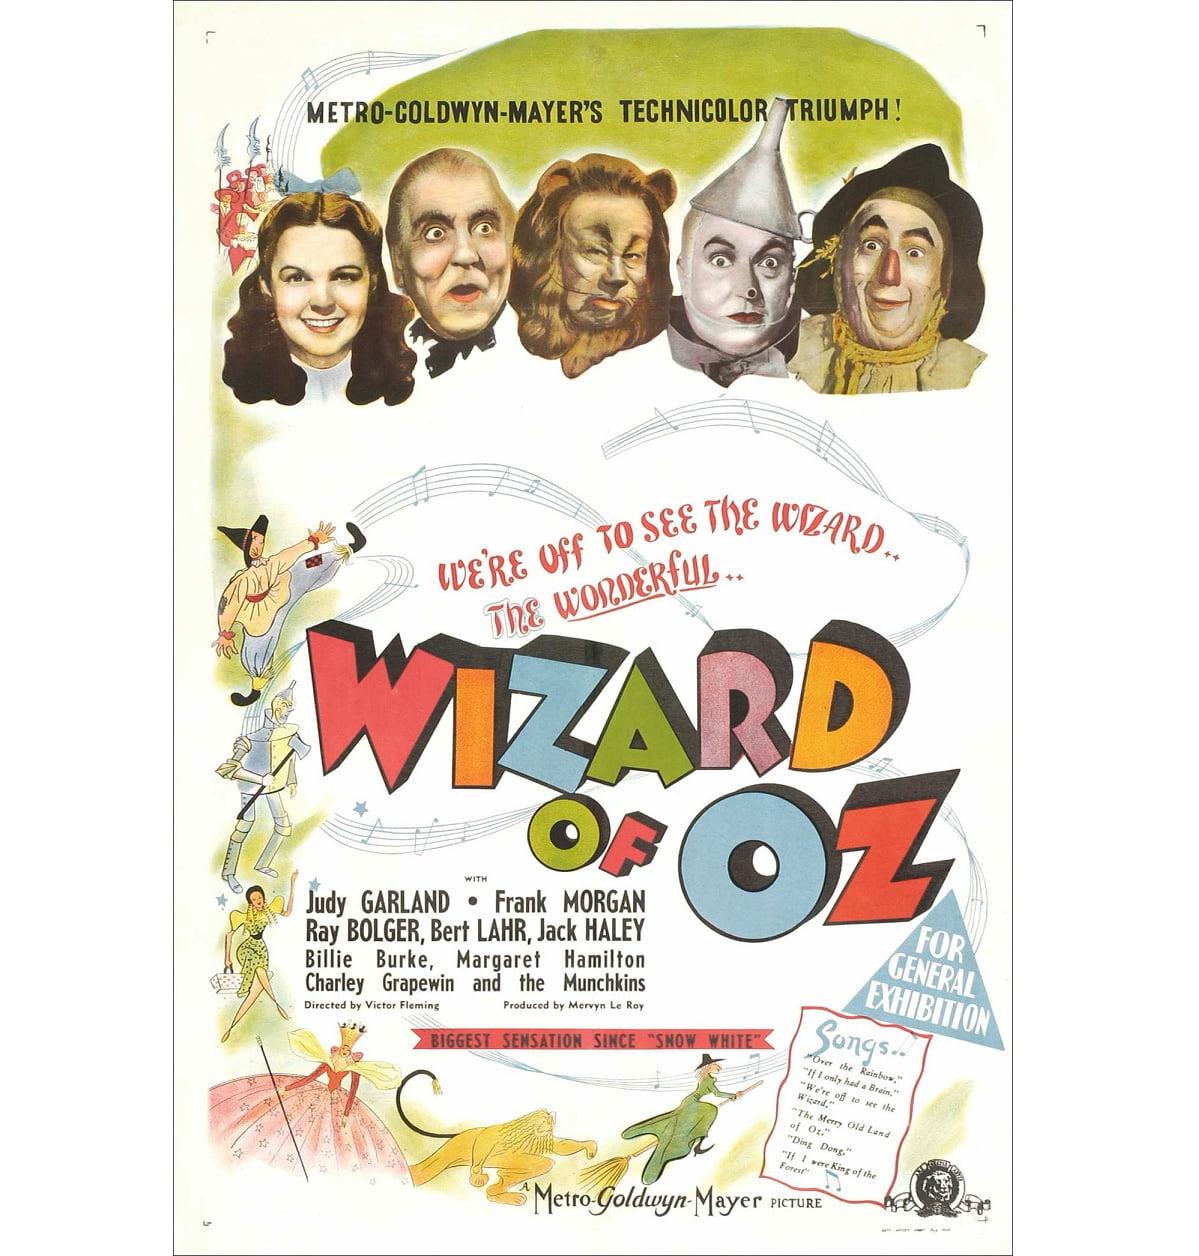 معرفی فیلم جادوگر شهر از ( The Wizard of Oz )